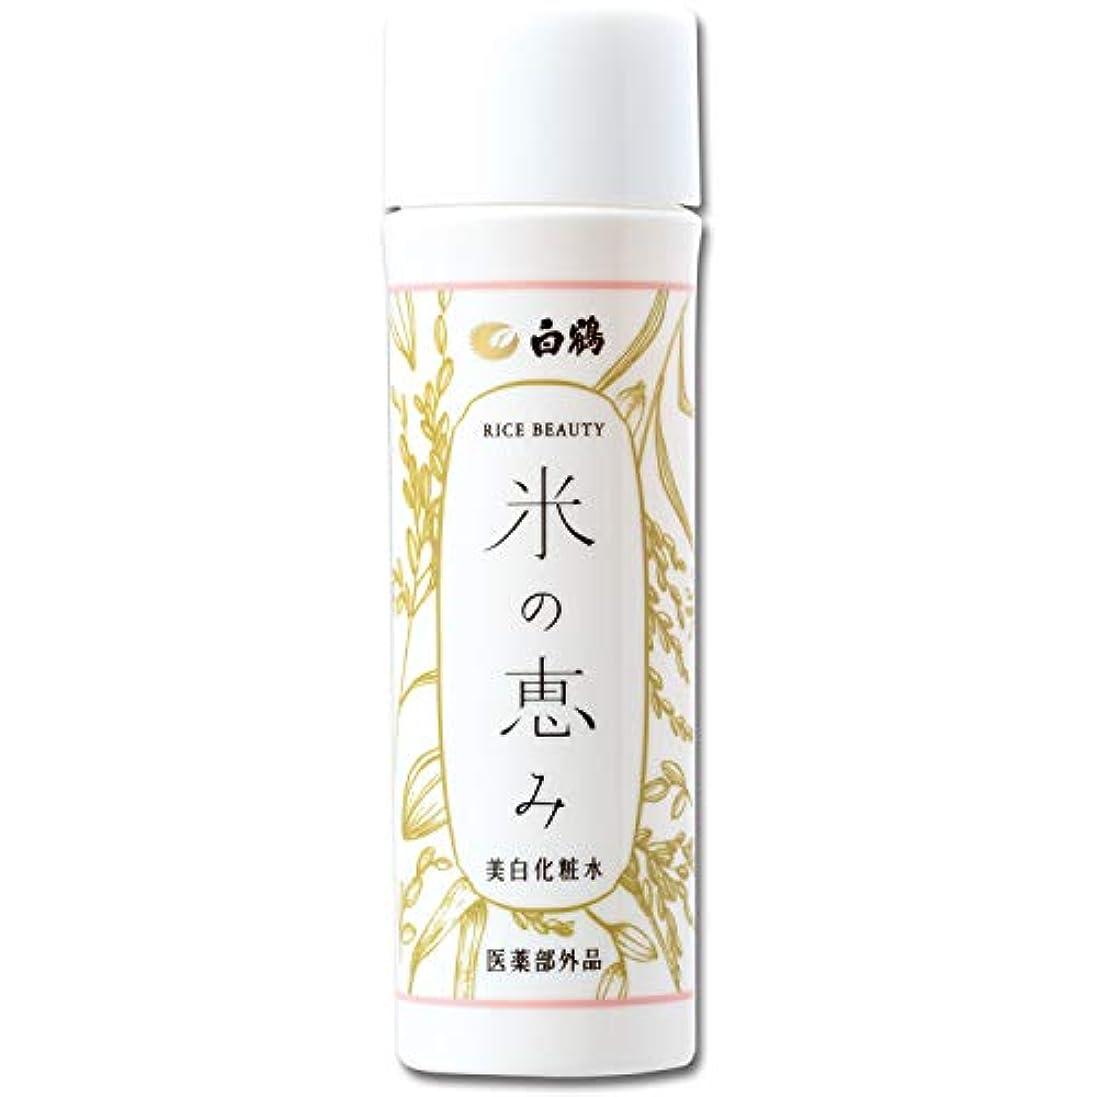 熱心な失礼拝ライスビューティー 米の恵み 美白化粧水 150ml 医薬部外品